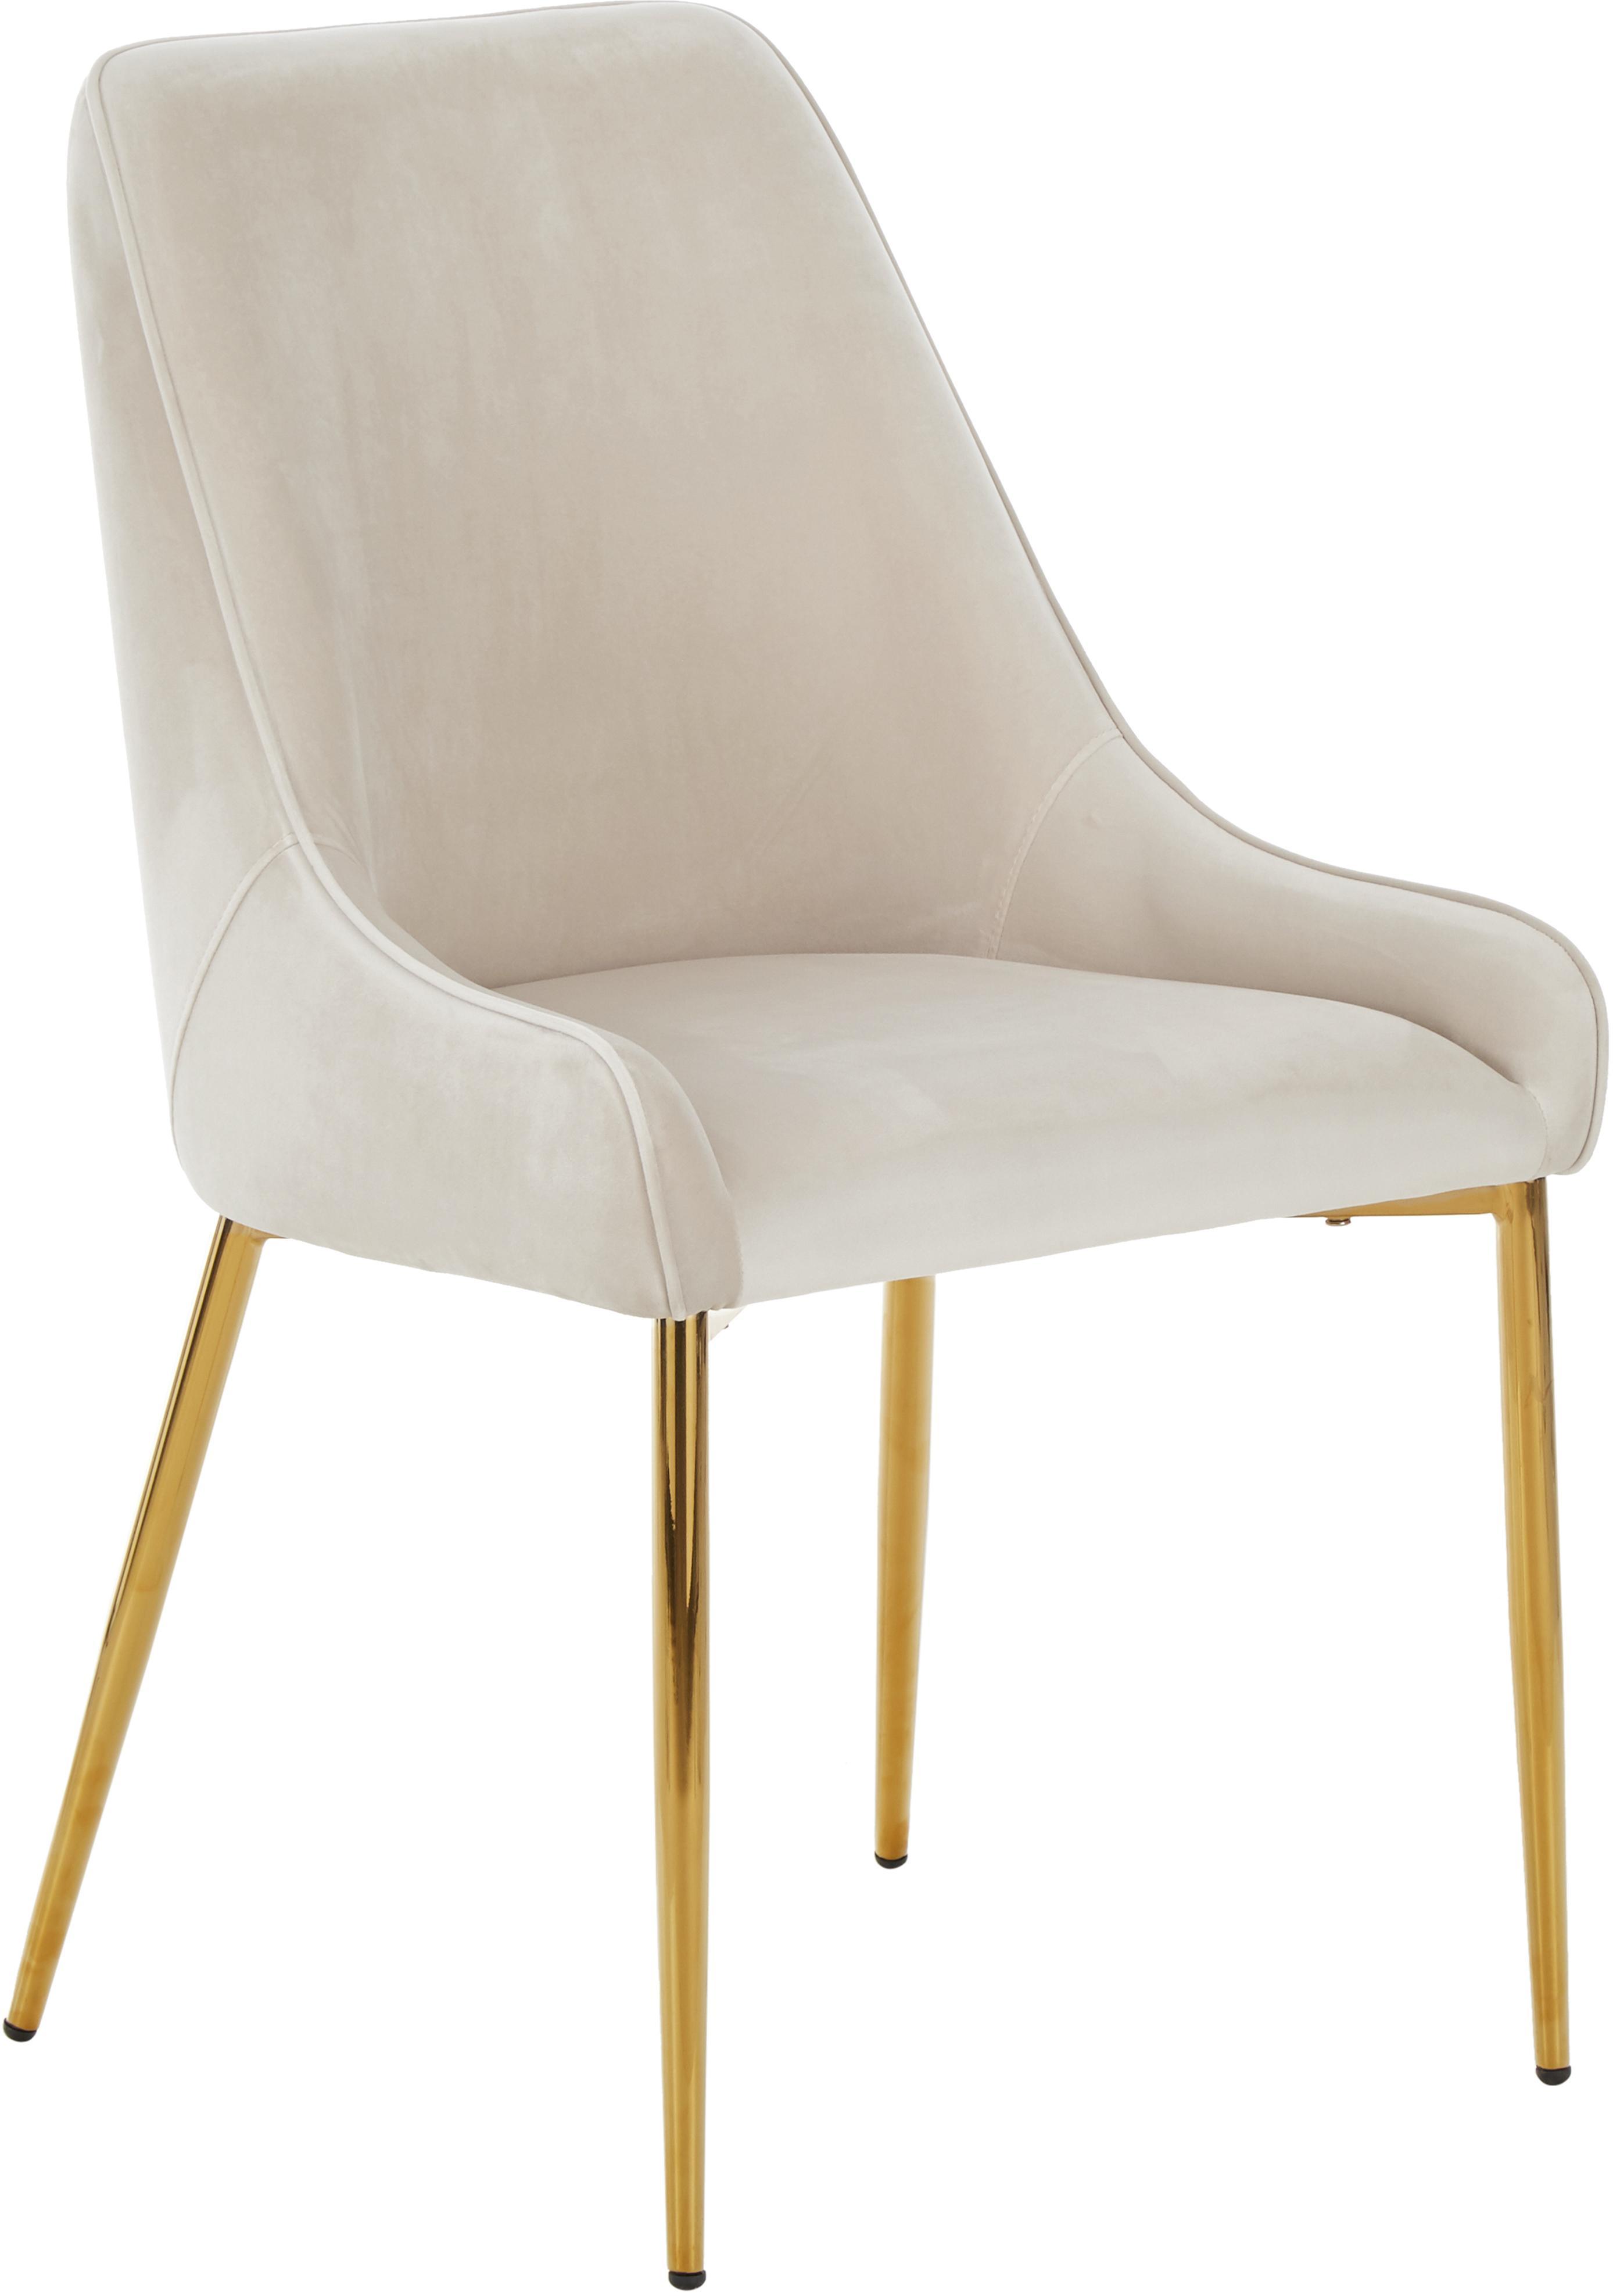 Samt-Polsterstuhl Ava mit goldfarbenen Beinen, Bezug: Samt (100% Polyester) Der, Beine: Metall, Samt Beige, B 53 x T 60 cm